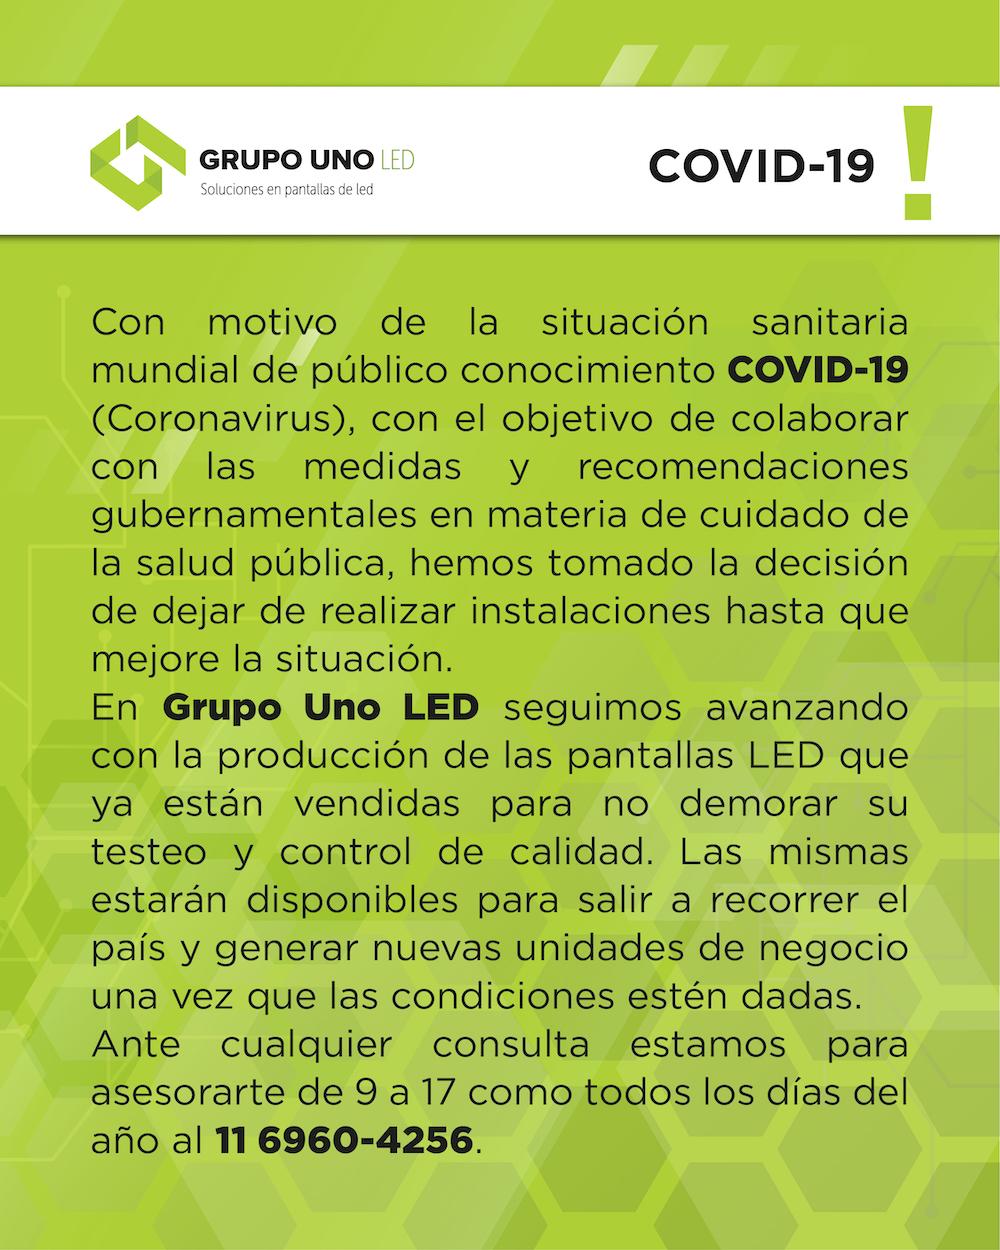 Comunicado de Grupo Uno LED.